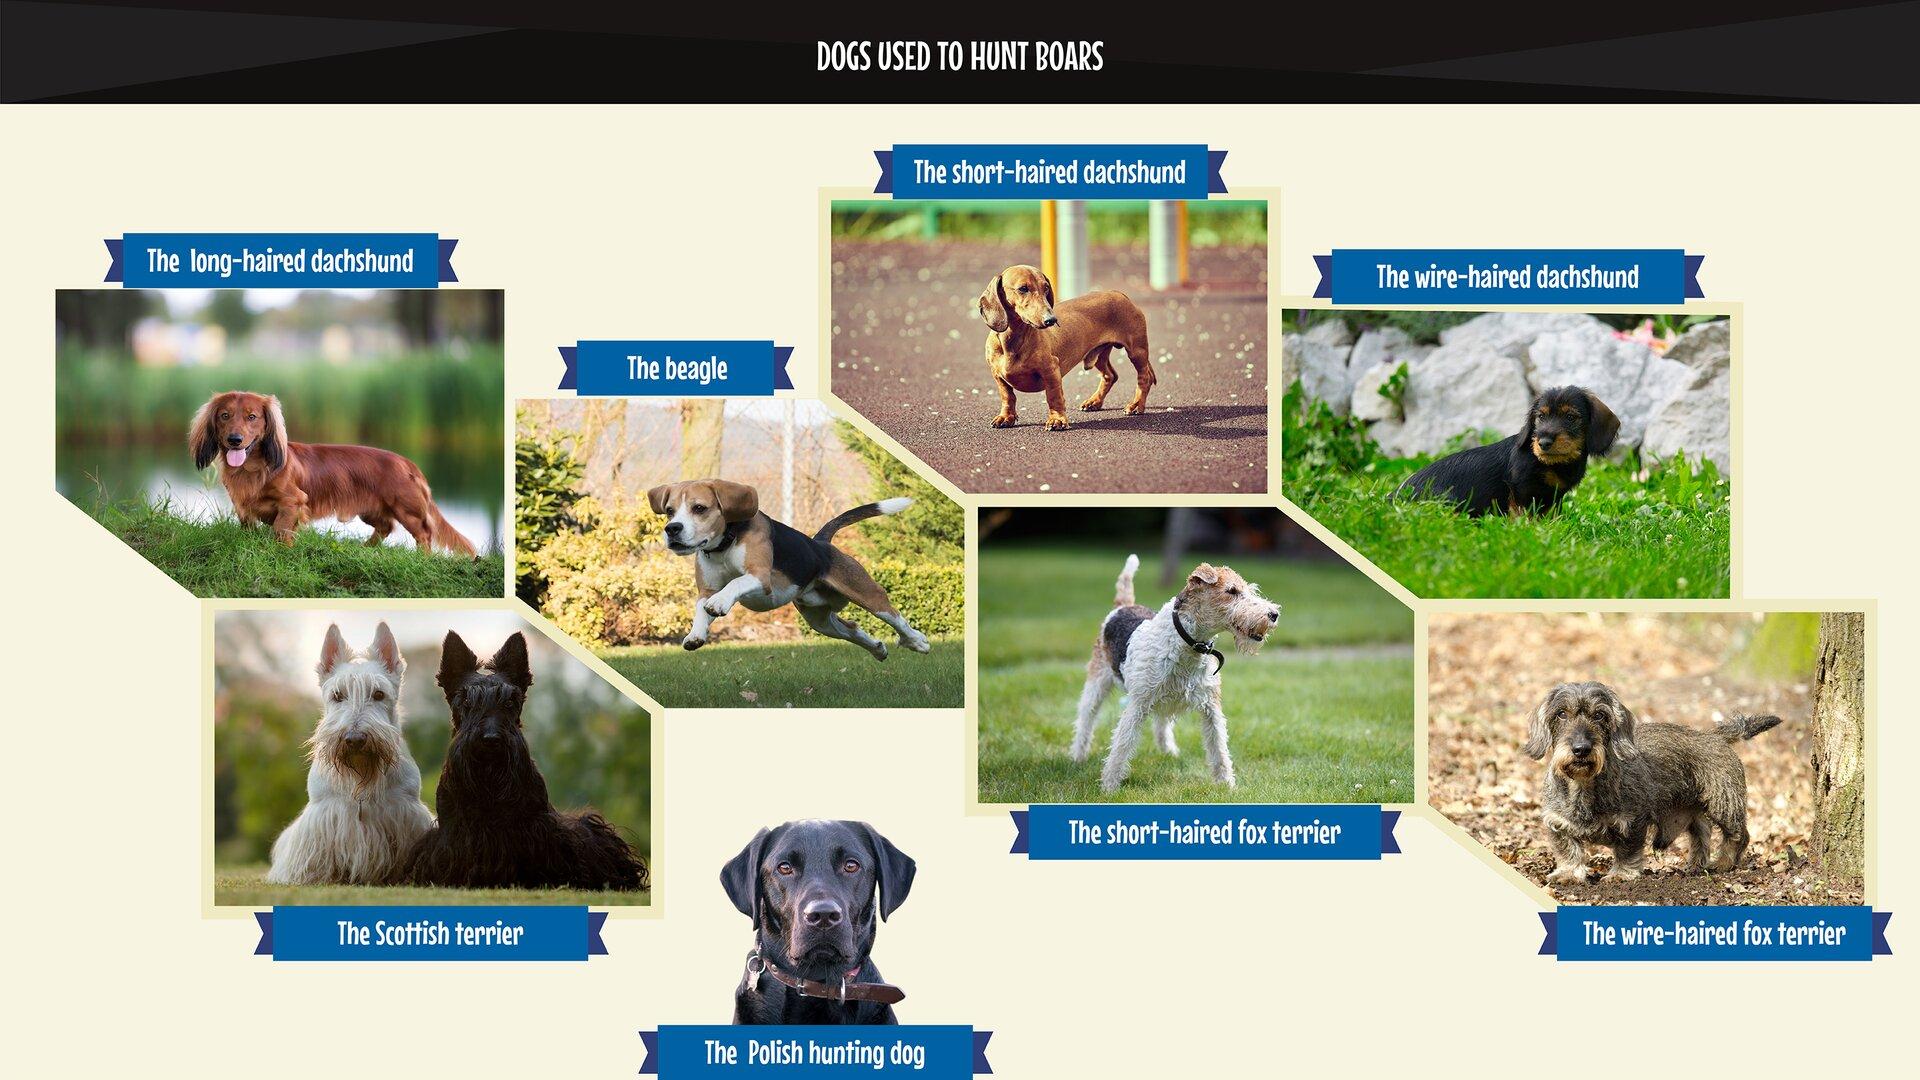 The photo collage presents dog breeds belonging to the category of boarhounds: beagles, the Polish hunting dog, the short-haired dachshund, the long-haired dachshund, the wire-haired dachshund, the short-haired fox terrier, the wire-haired fox terrier and the Scottish terrier. Kolaż zdjęć przedstawia rasy psów – dzikarzy: beagle, gończy polski, jamnik krótkowłosy, jamnik długowłosy, jamnik szorstkowłosy, foksterier krótkowłosy, foksterier szorstkowłosy, terier szkocki.